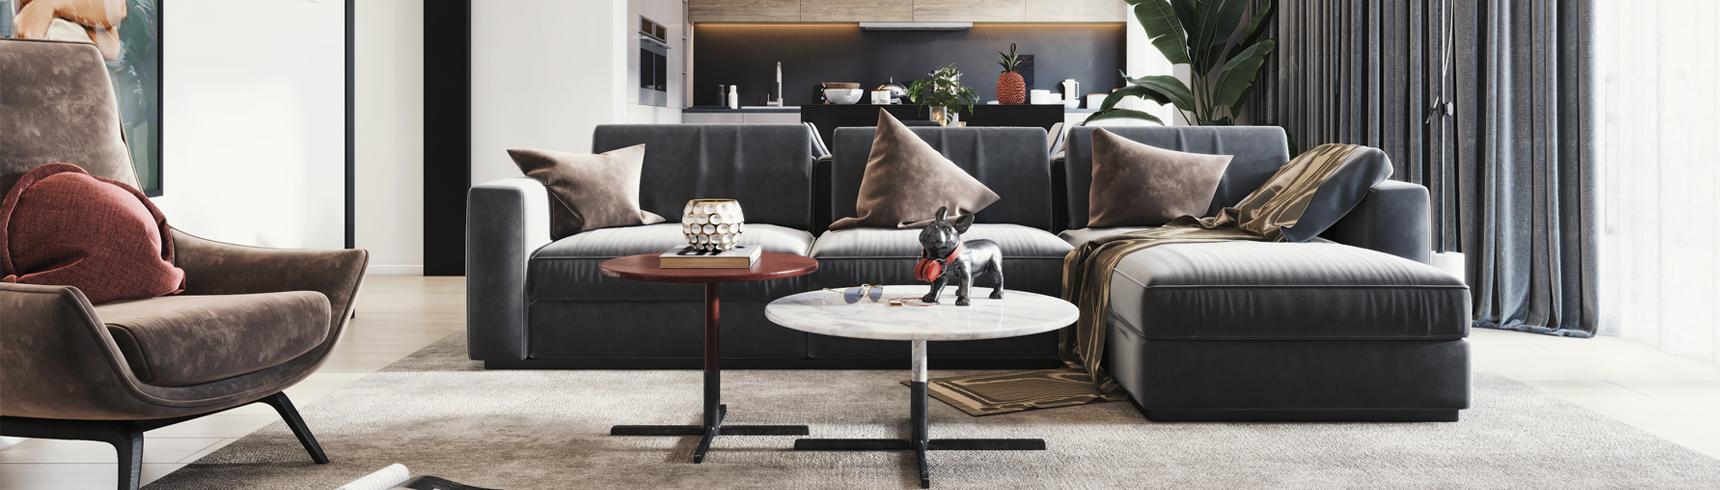 现代客餐厅 沙发茶几 挂画 餐桌椅3D模型下载